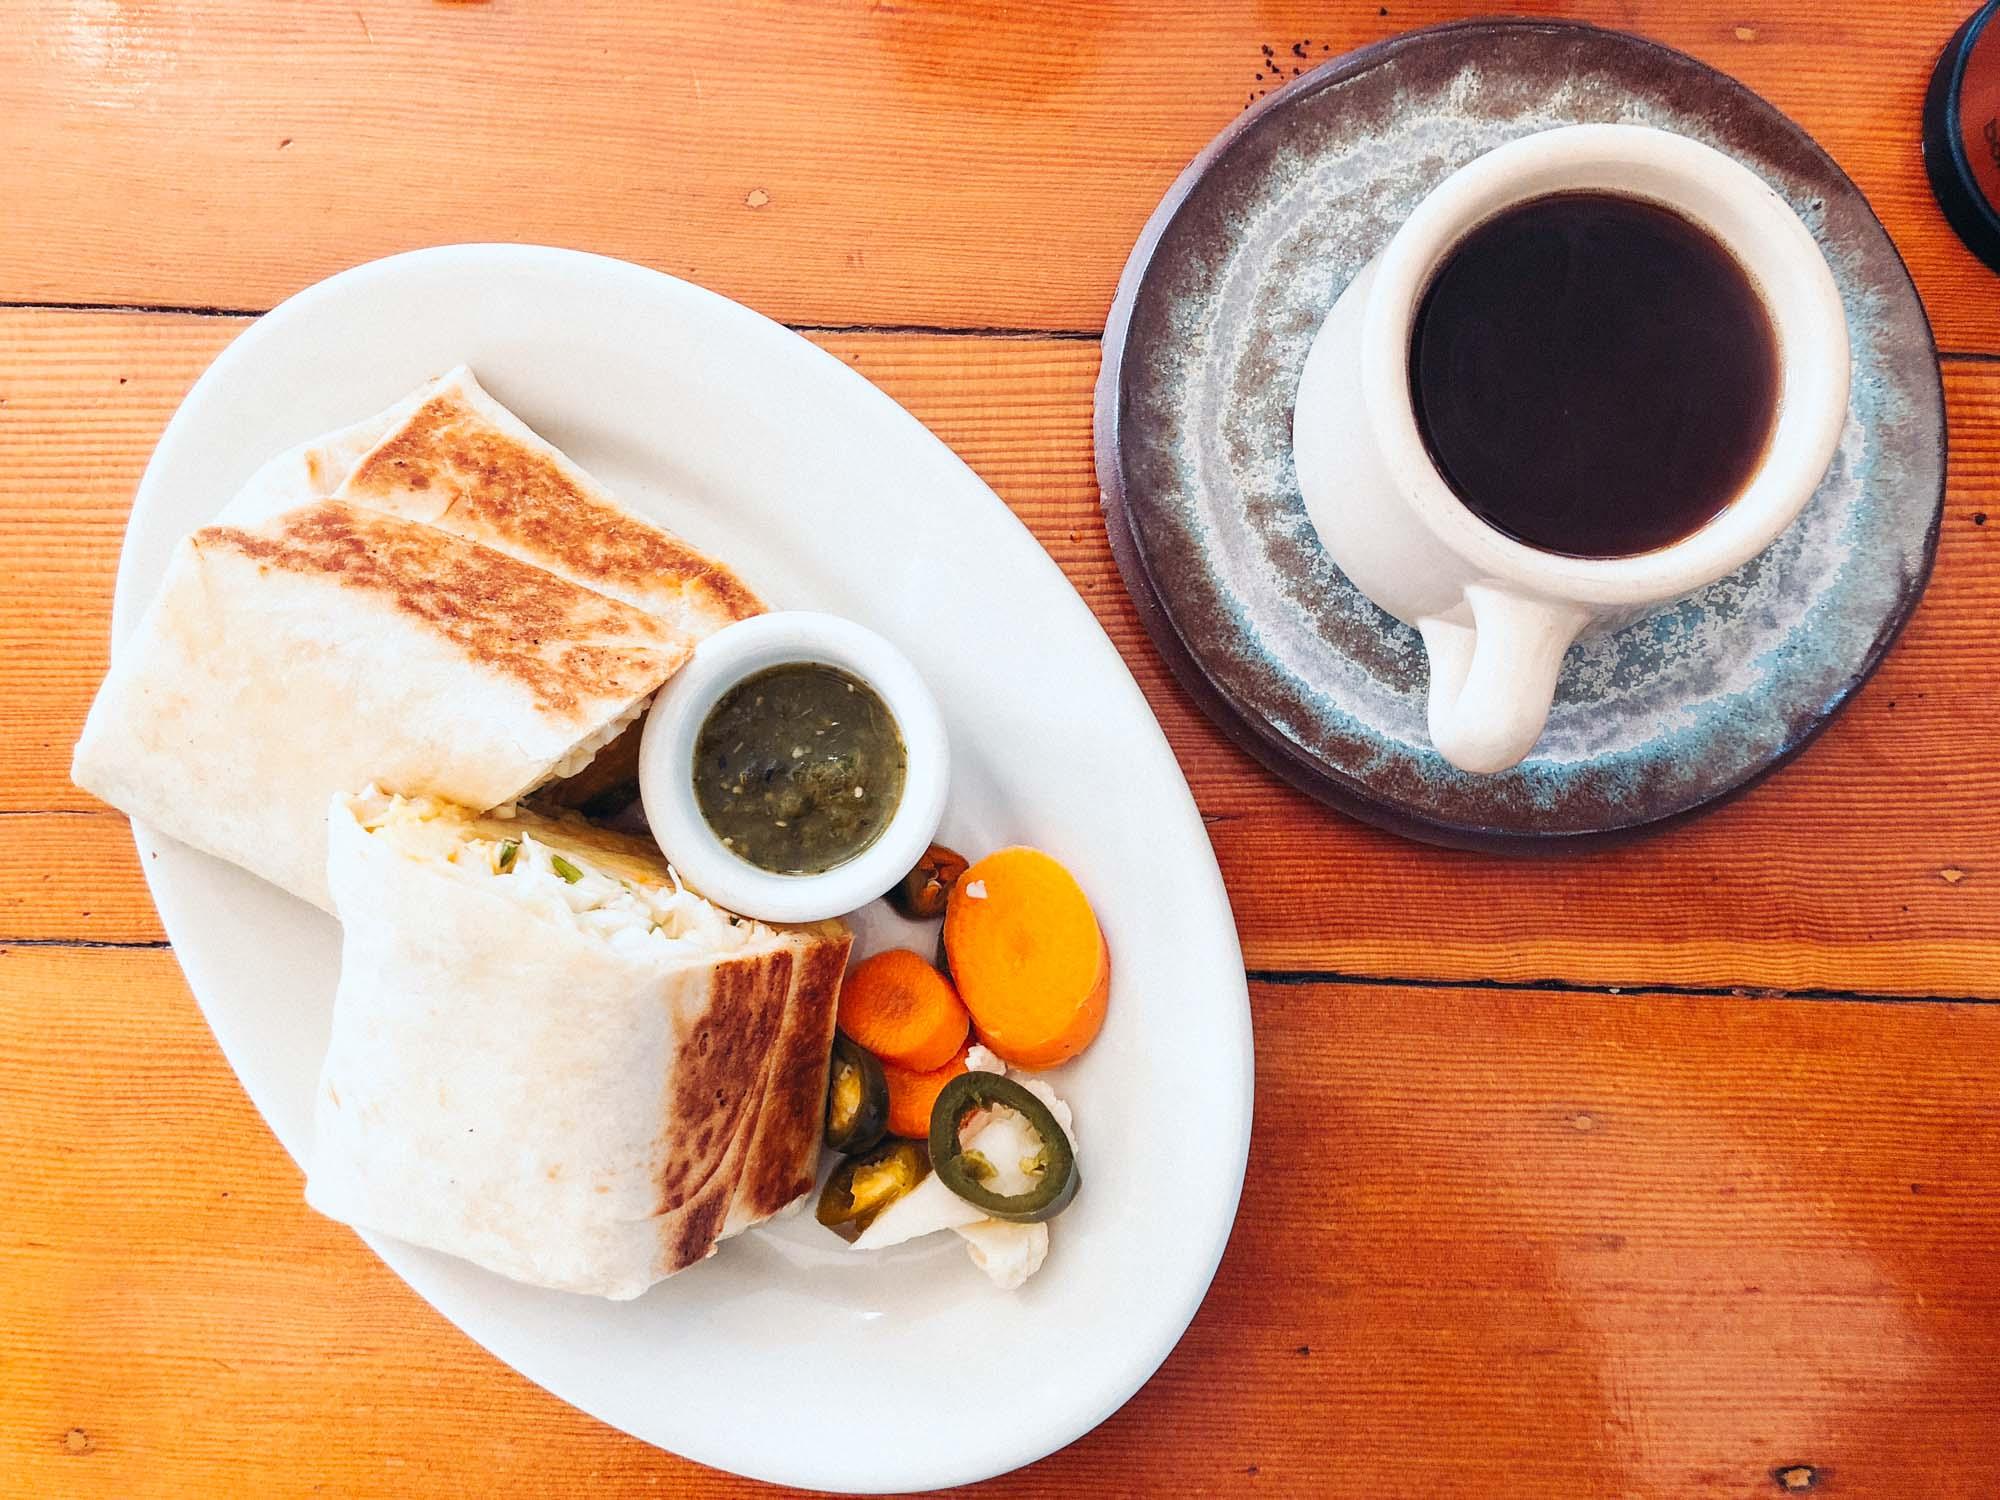 Best vegetarian restaurants in Portland - Sweedeedee